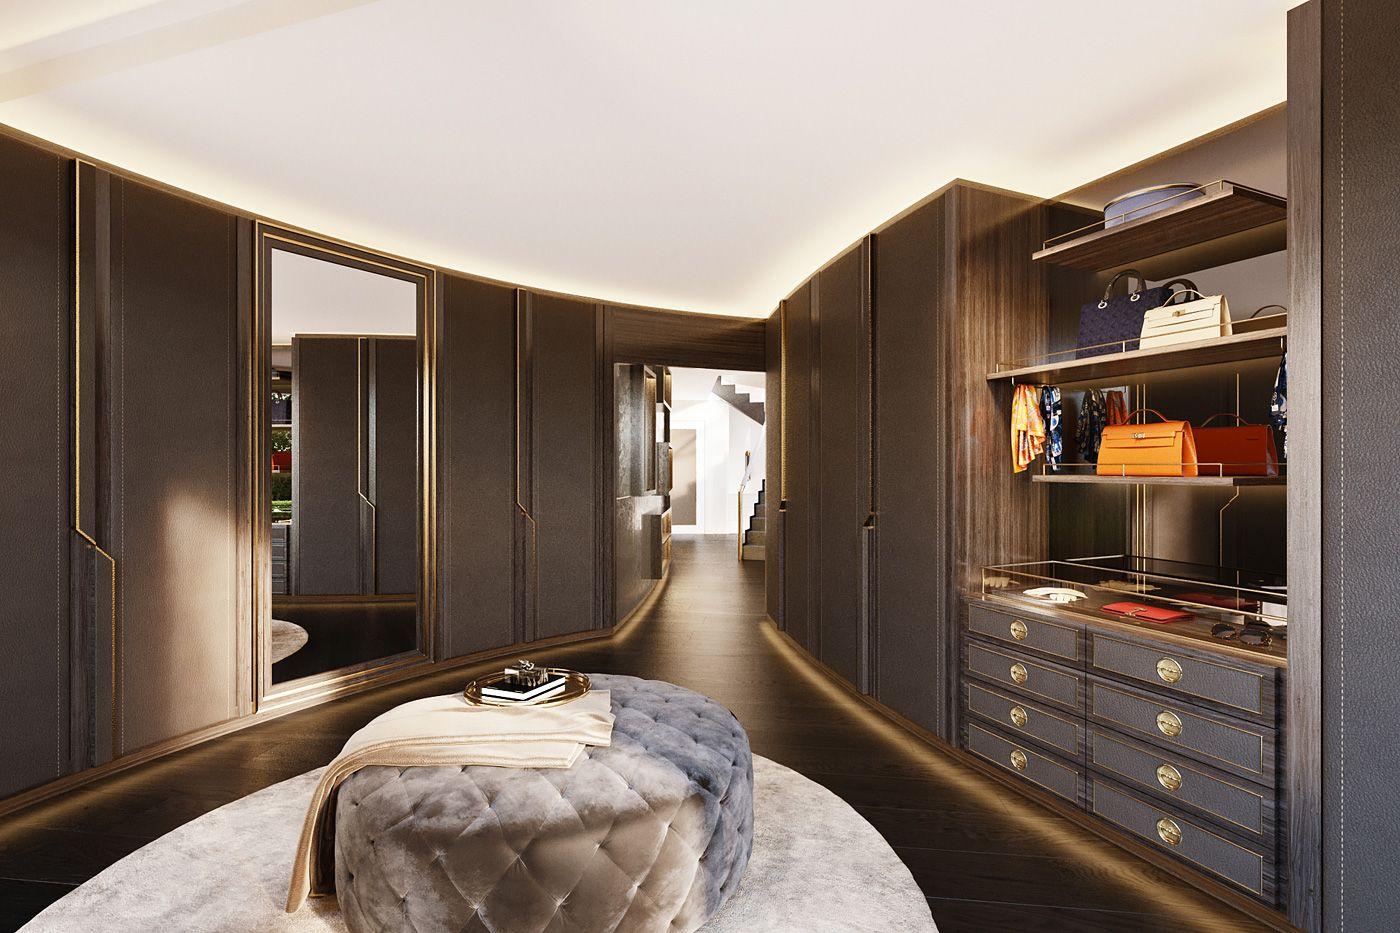 luxus-penthouse an der goldküste zürich | gewinner, zürich und luxus, Wohnzimmer dekoo